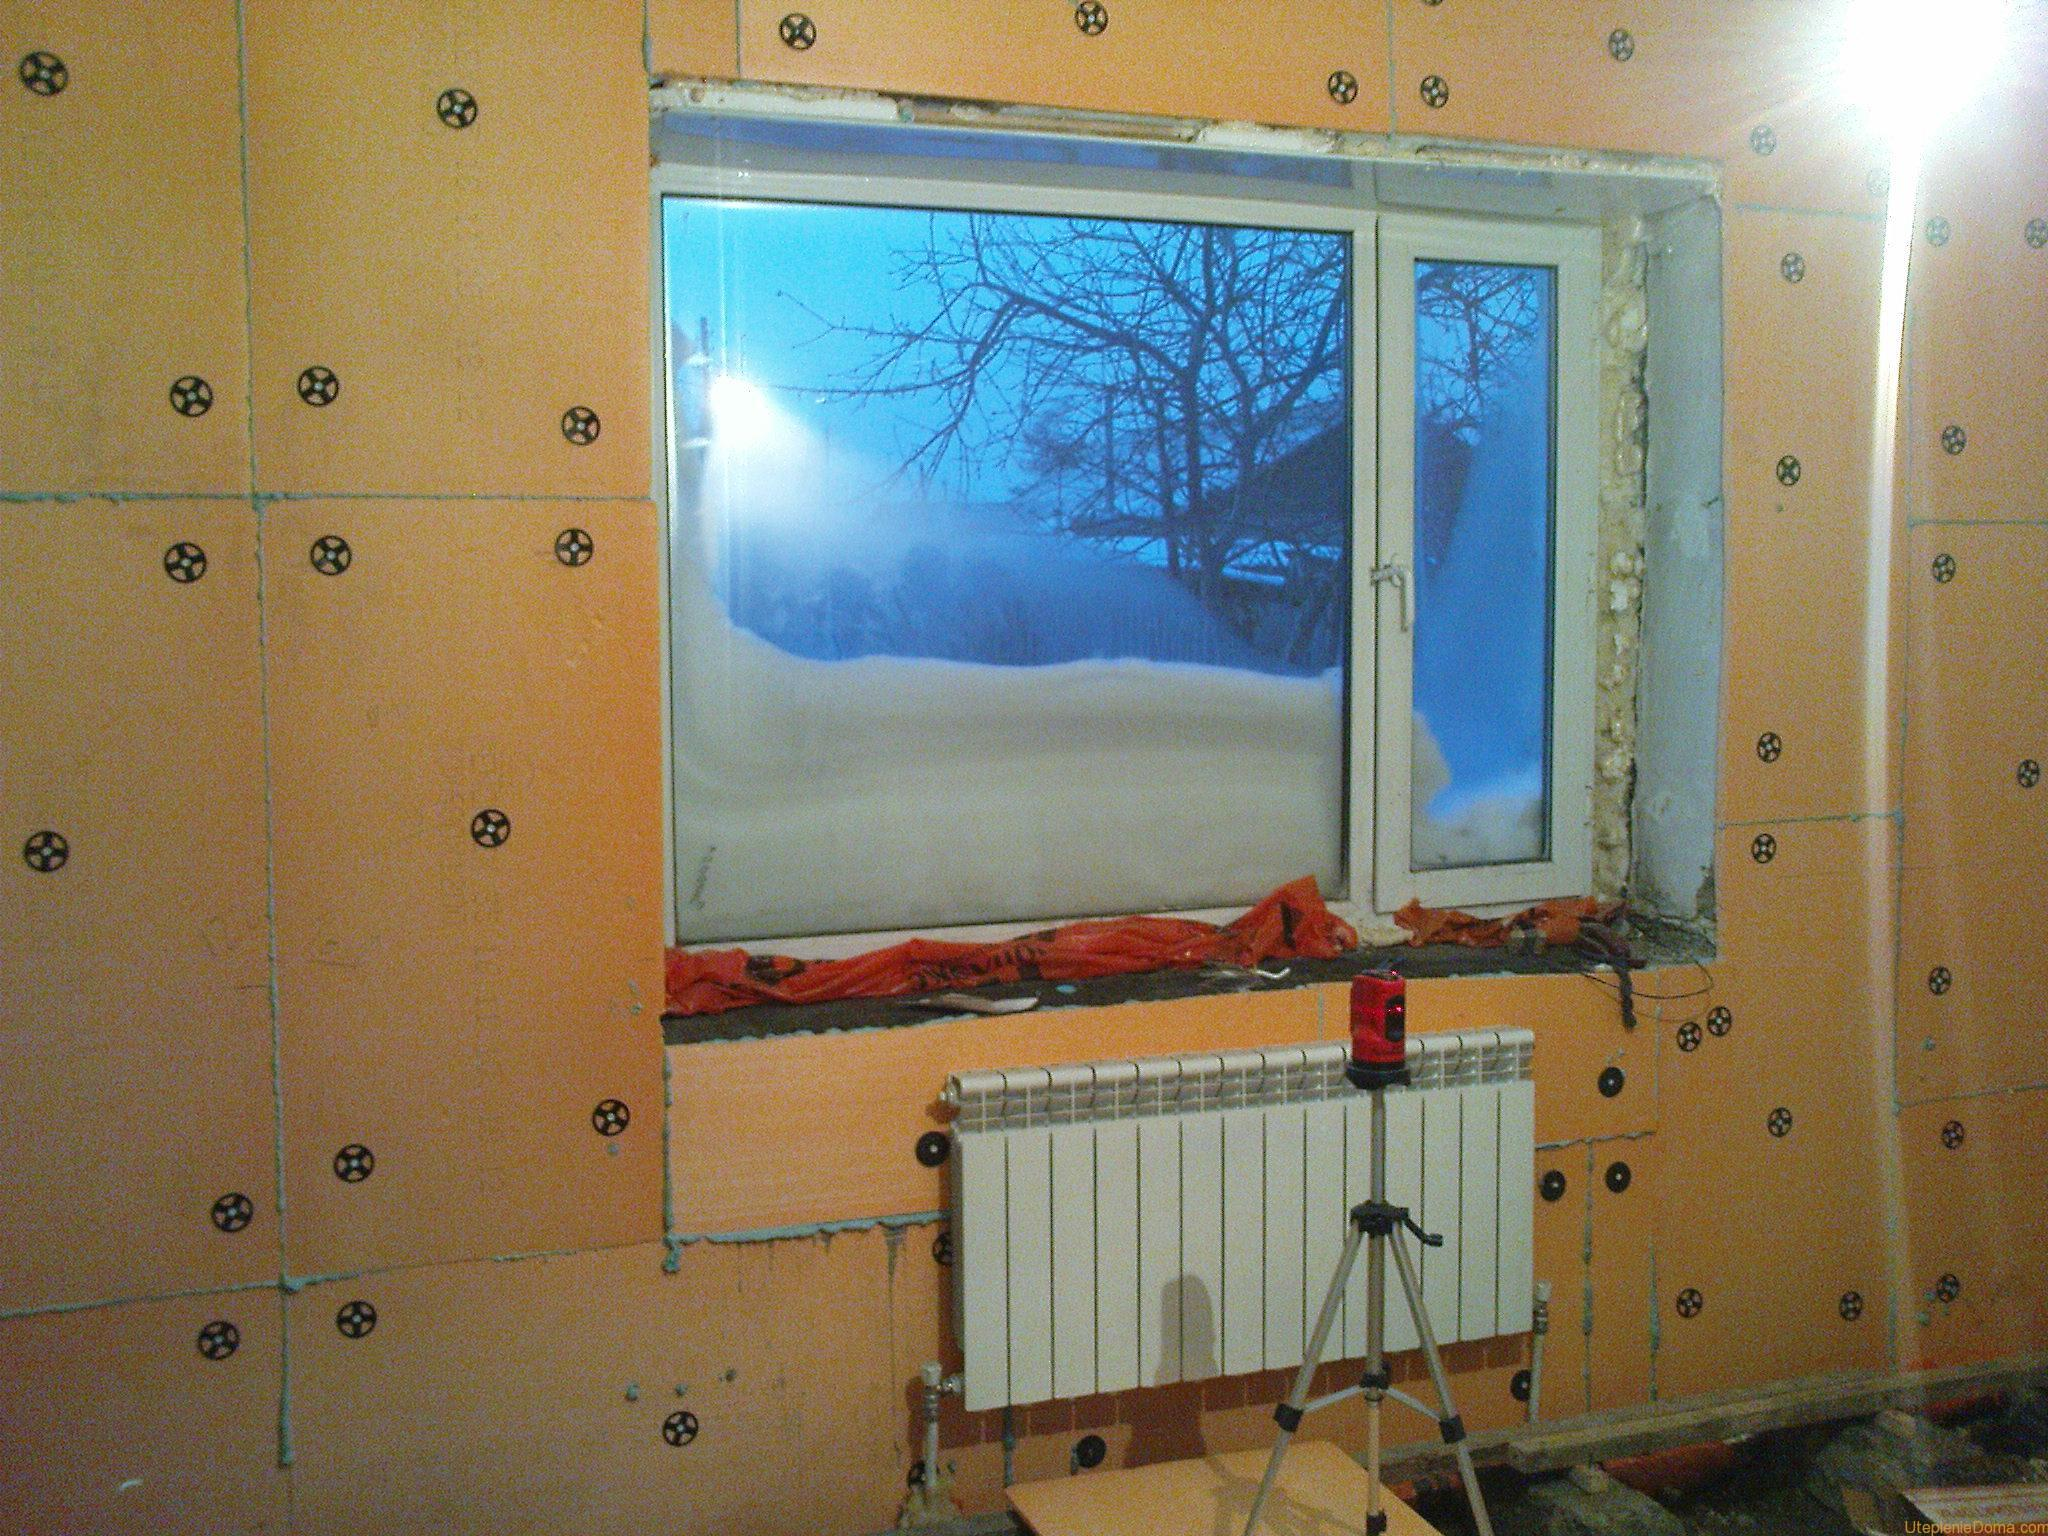 Промерзает угол стены в квартире